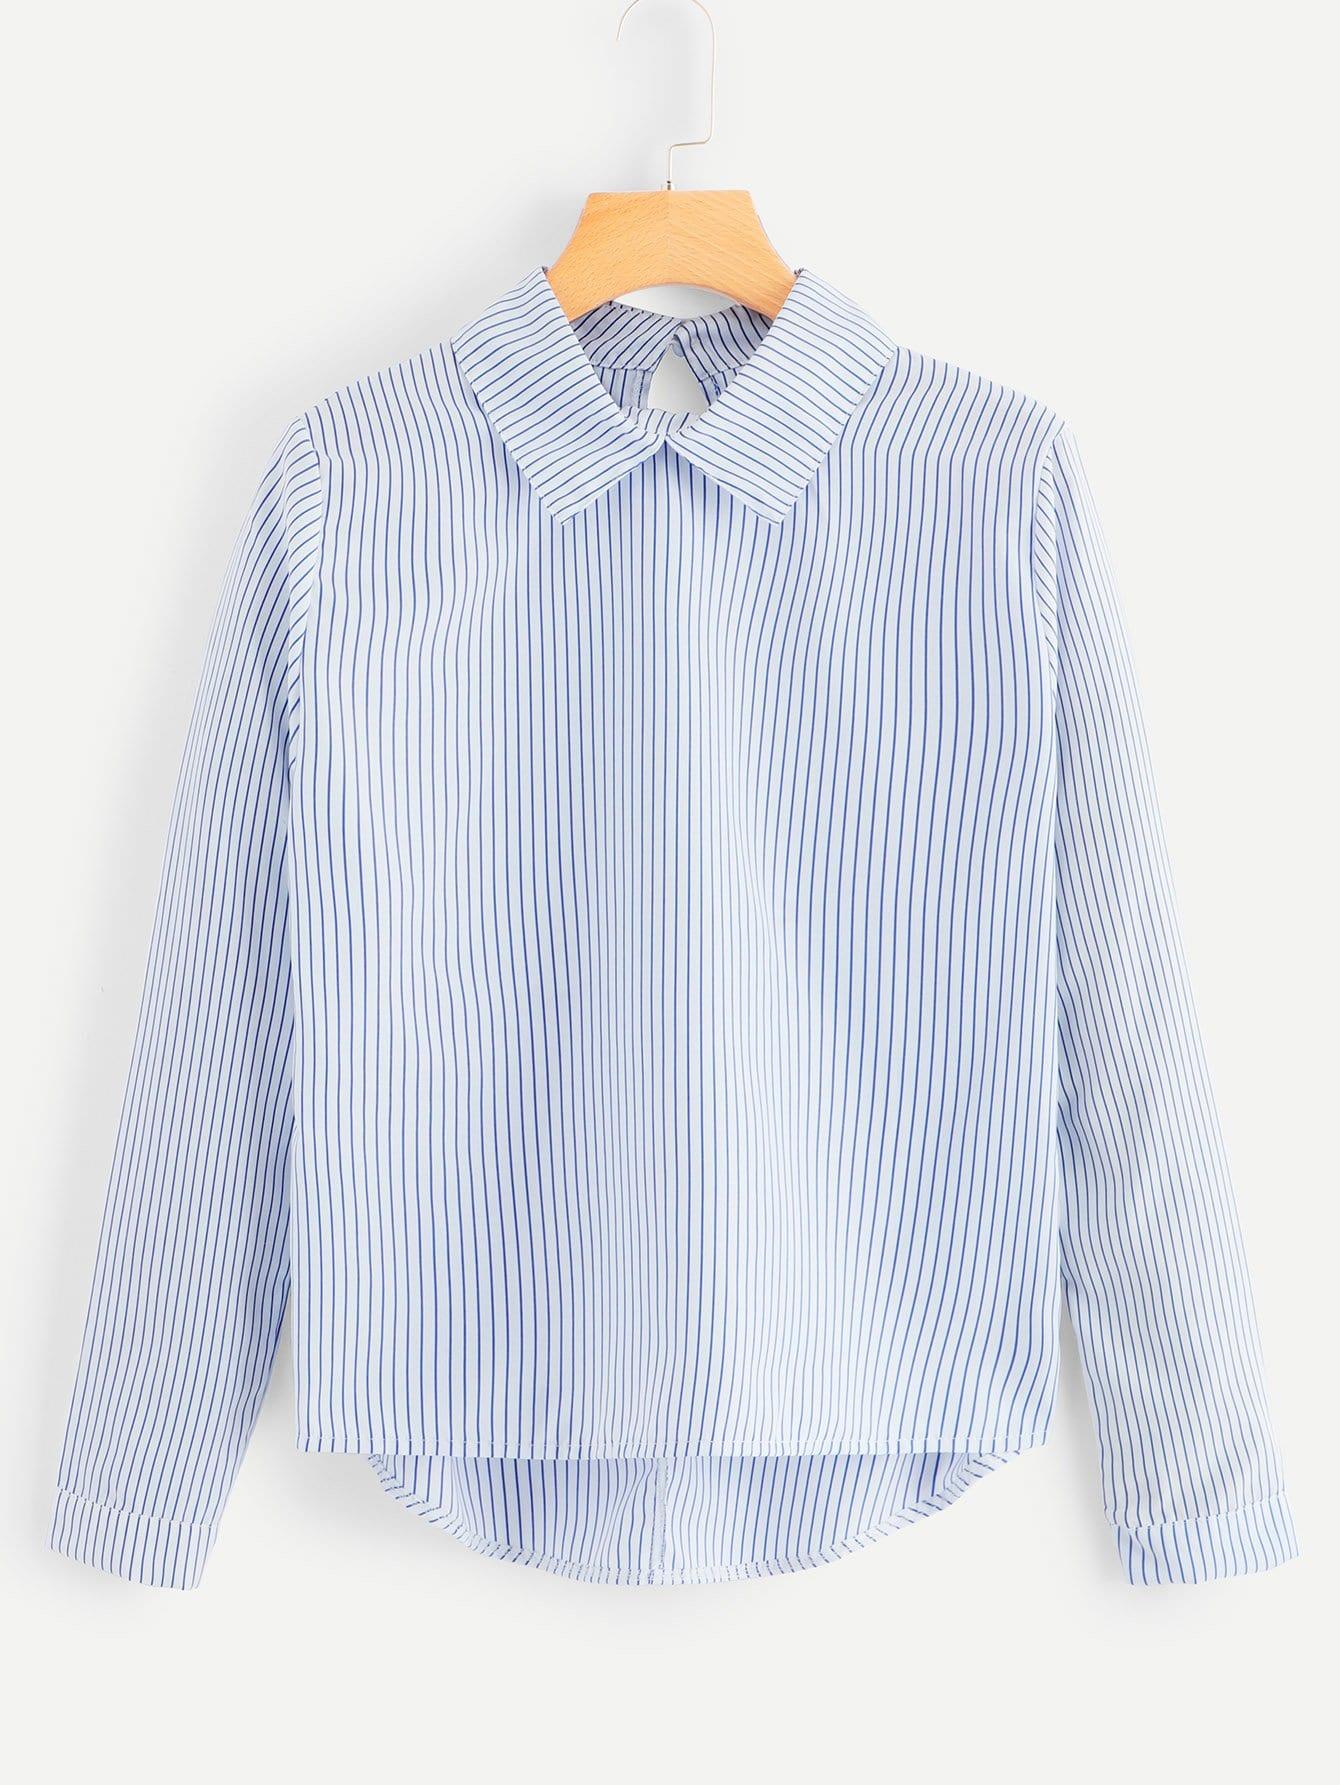 Купить Повседневный Полосатый Асимметричный Многоцветный Блузы+рубашки, null, SheIn